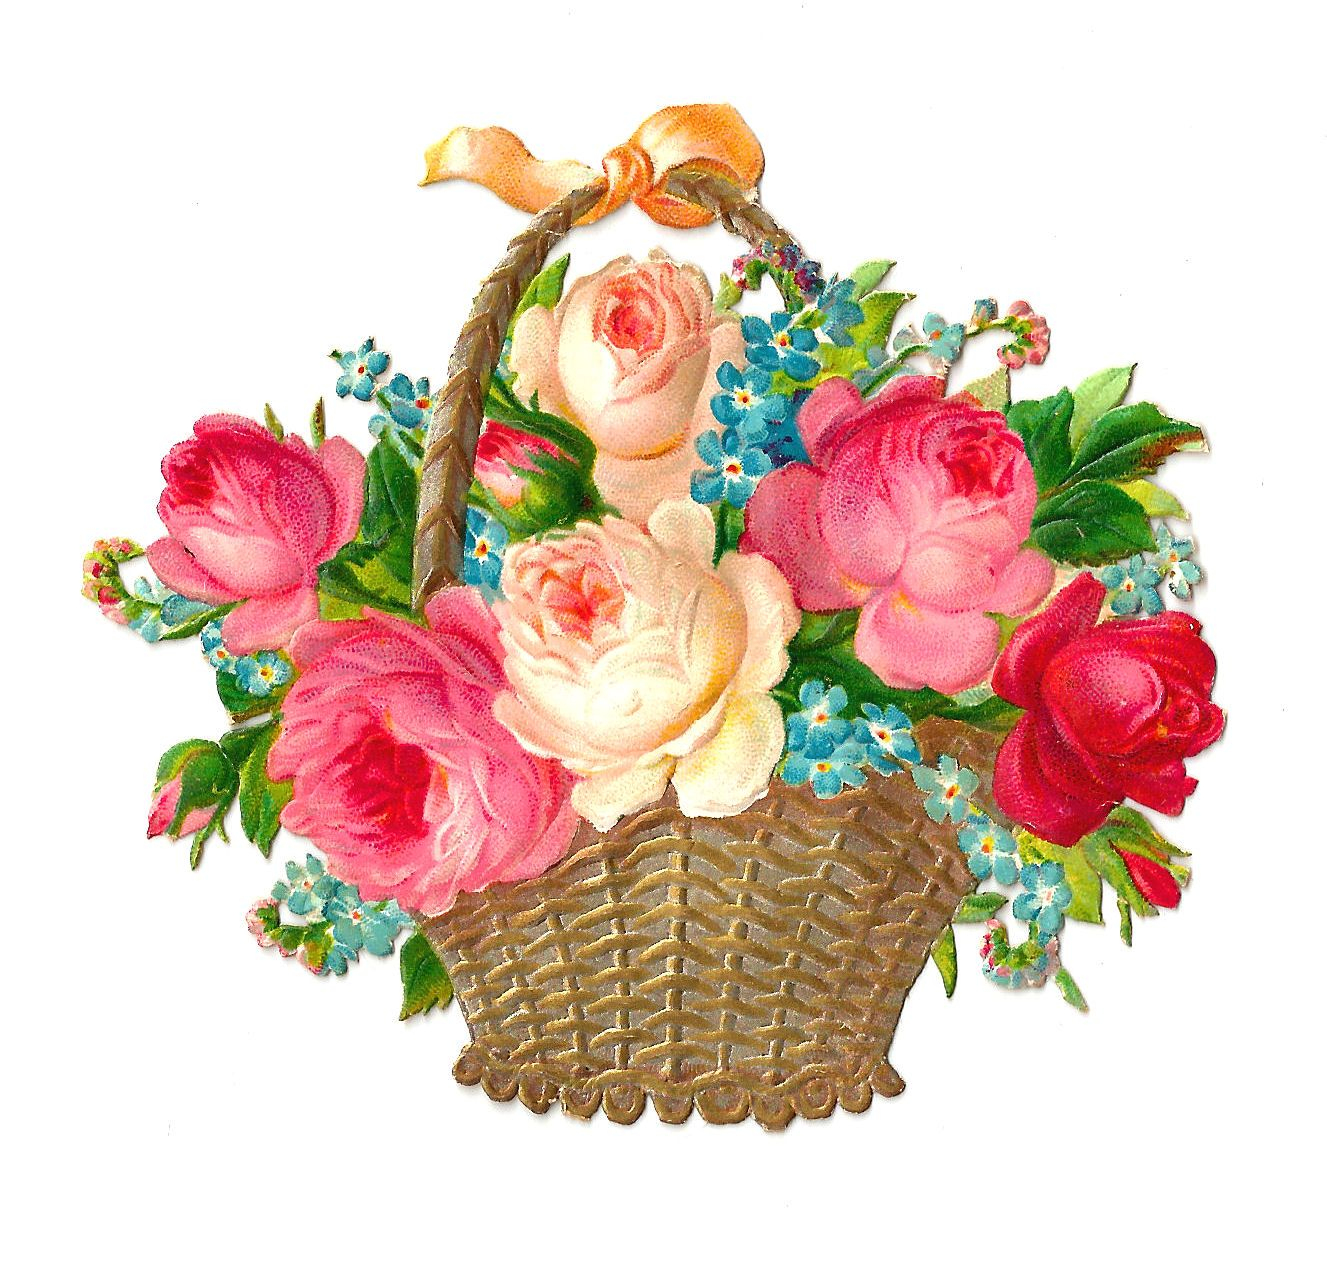 Antique images free flower. Basket clipart vintage